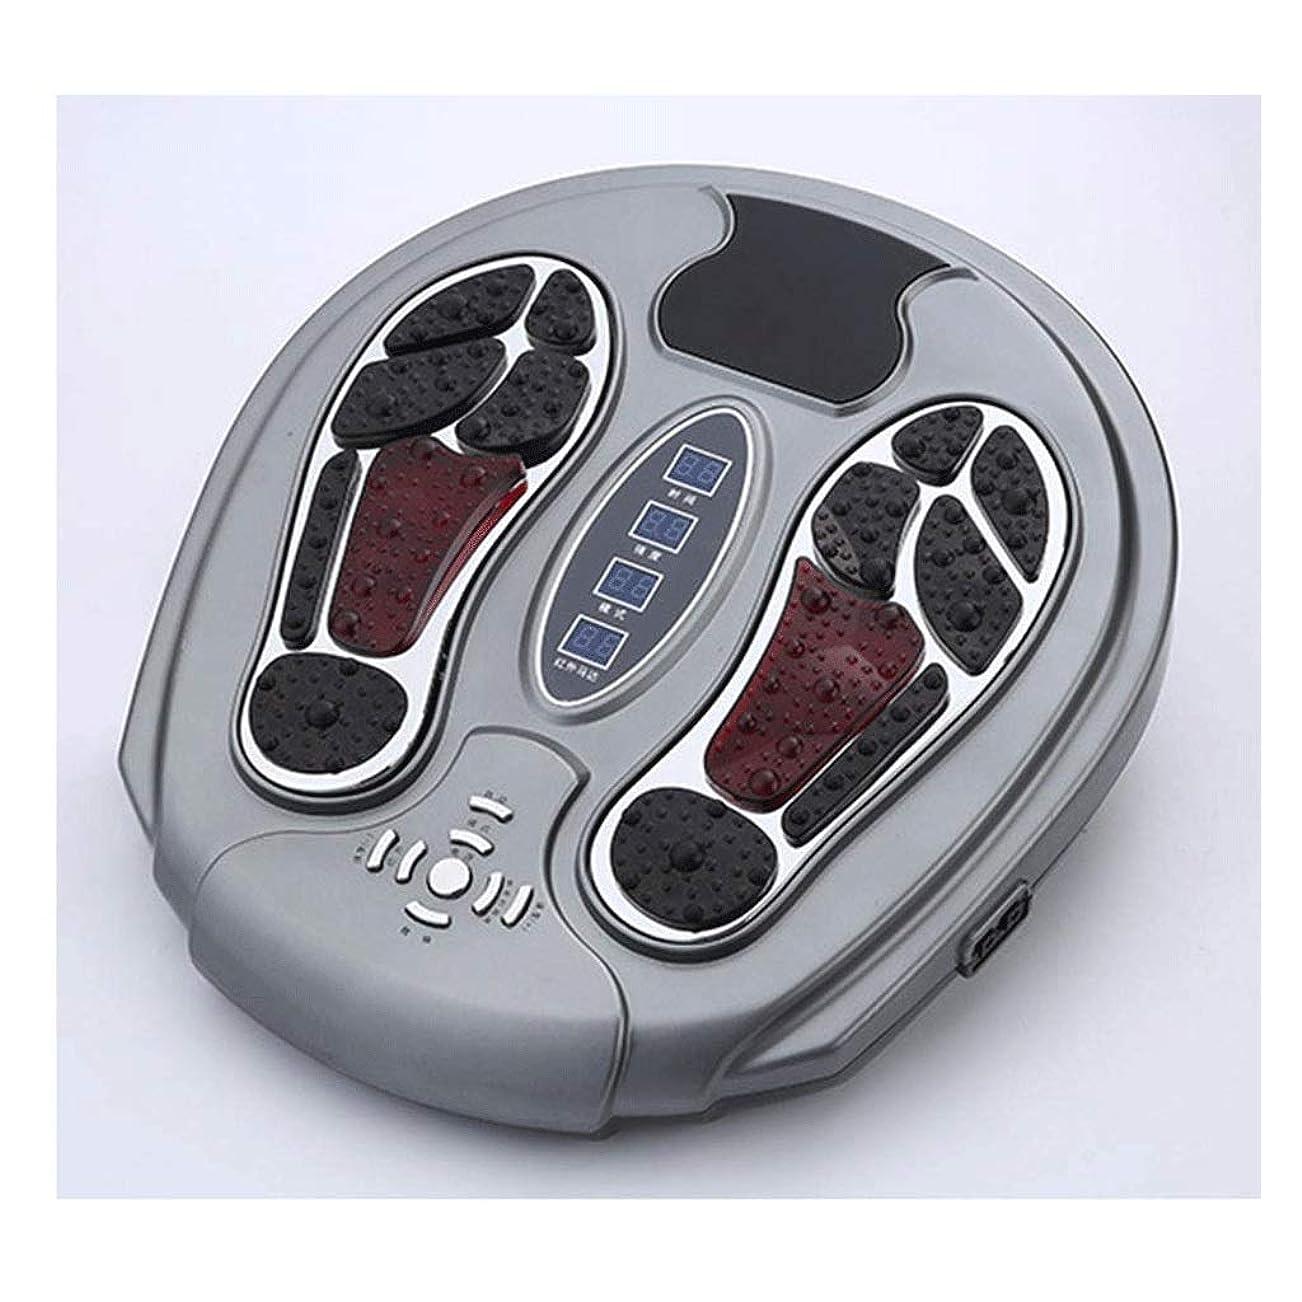 動物叙情的なかび臭いLLRYN フットマッサージャー、熱、指圧加熱エレクトリックキーディングフットマッサージャーマシンの痛みを軽減、治療強度のある家庭用マッサージ